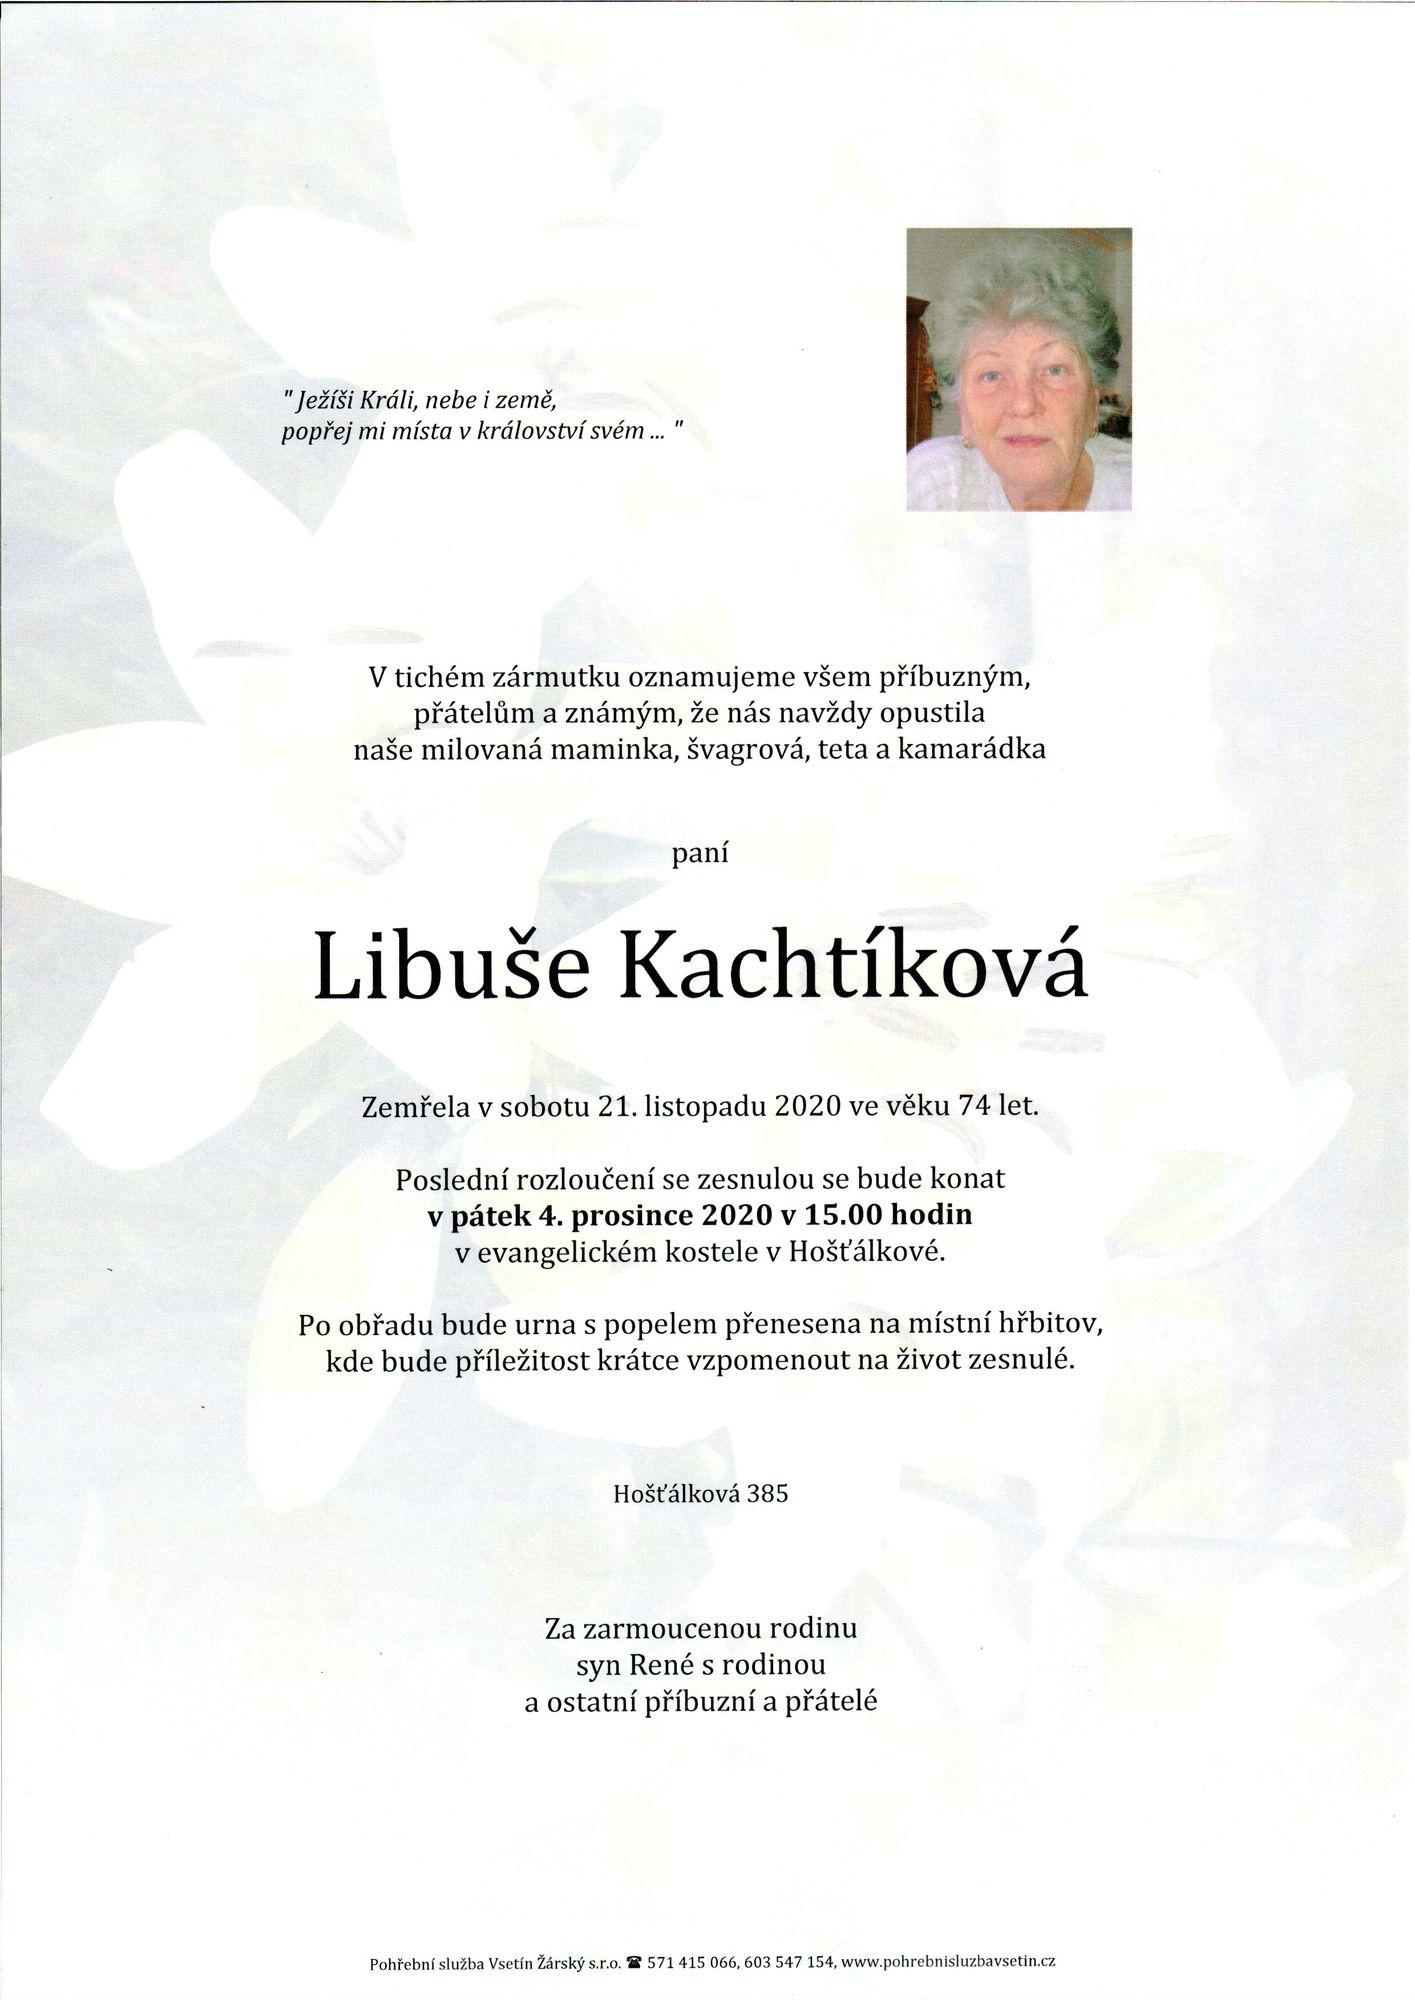 Libuše Kachtíková